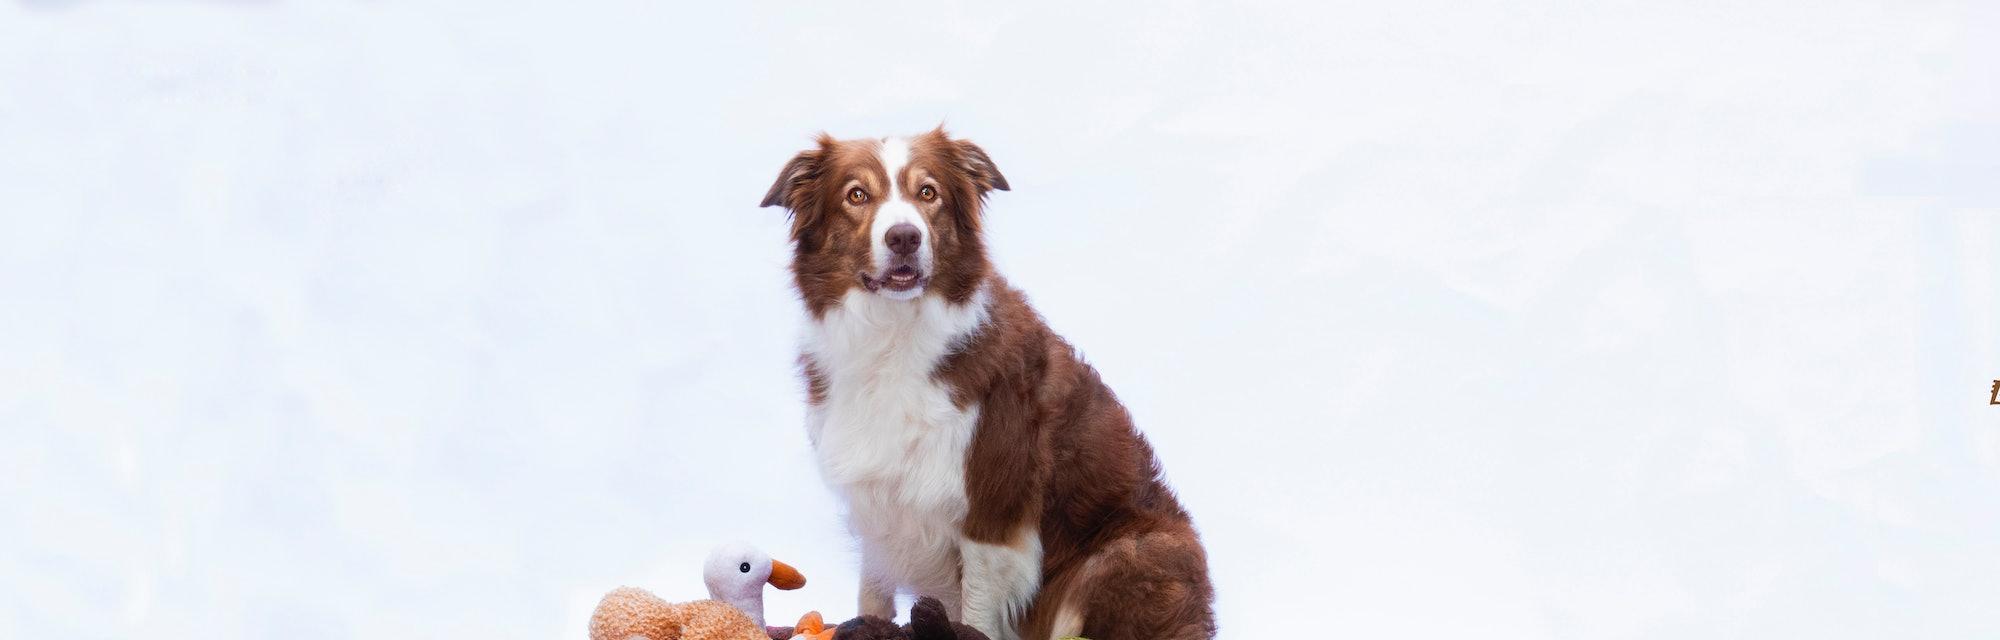 Nalani, a 'genius' dog